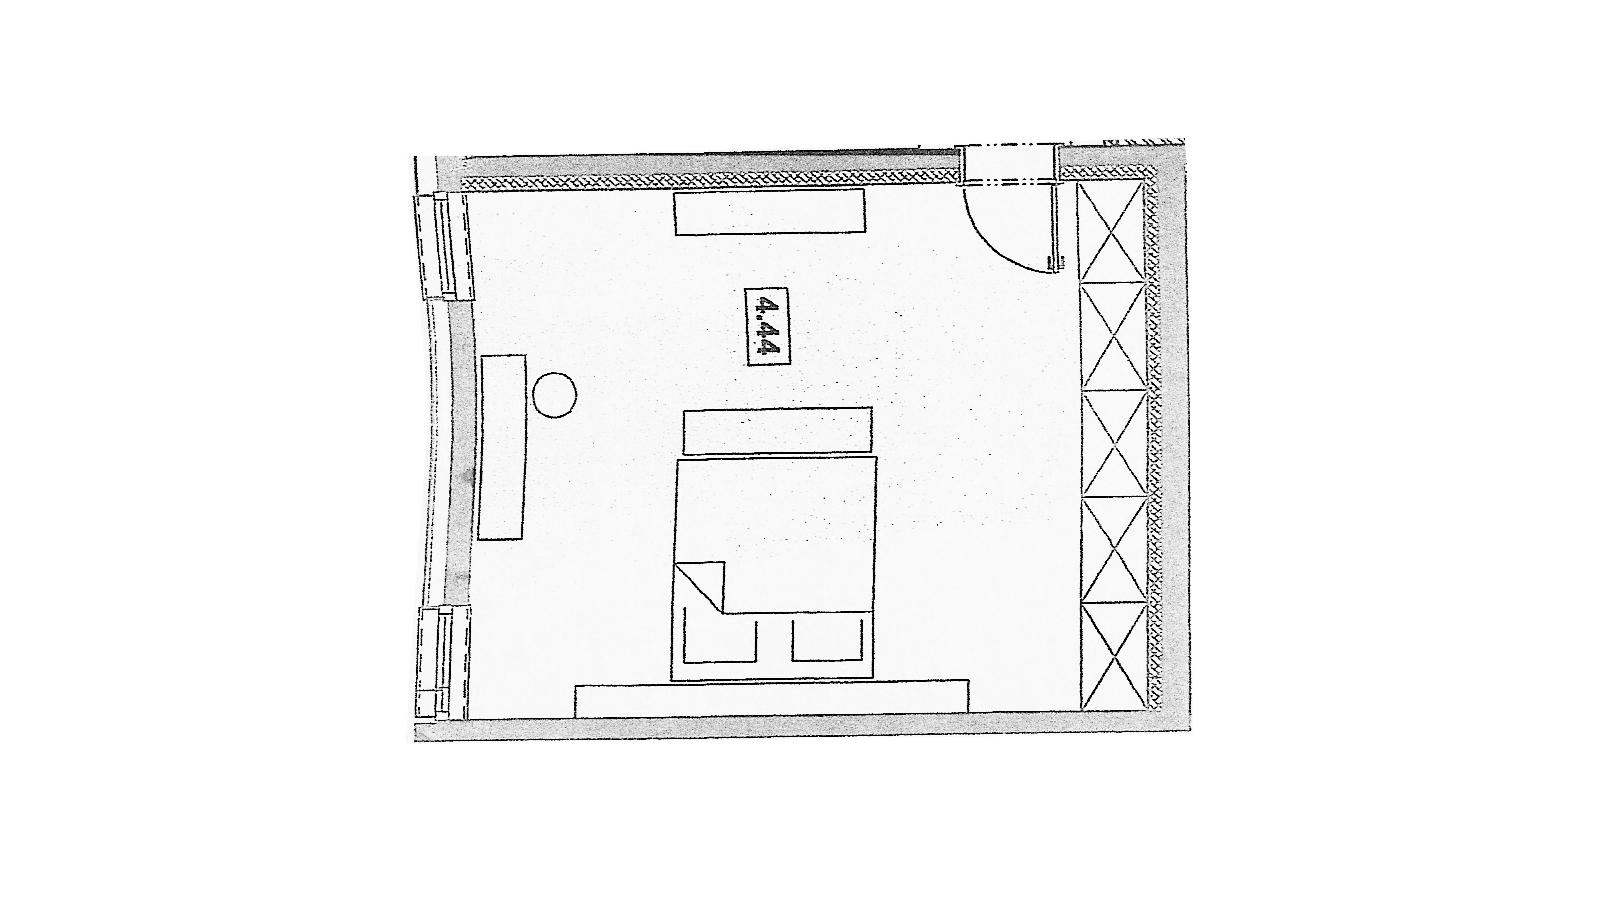 Plánovacia dokumentácia k bytu Rozadol - Obr.2